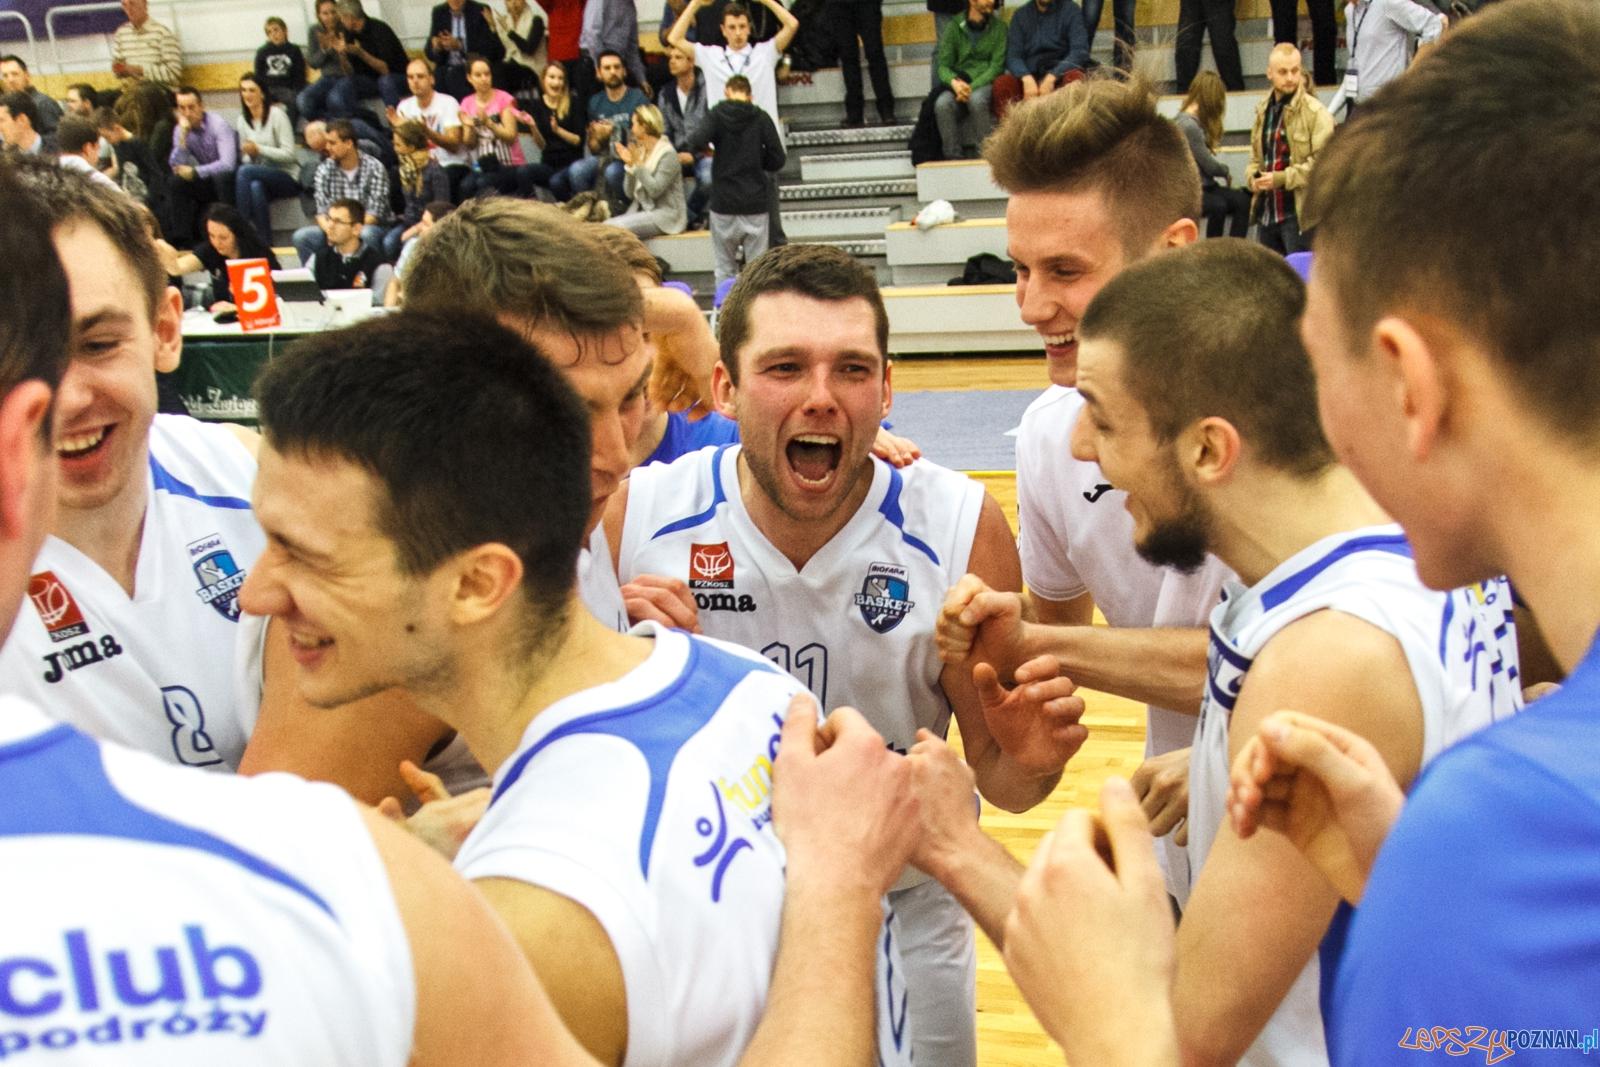 Biofarm Basket Poznań - Max Elektro Sokół Łańcut 56:50 - Po  Foto: LepszyPOZNAN.pl / Paweł Rychter